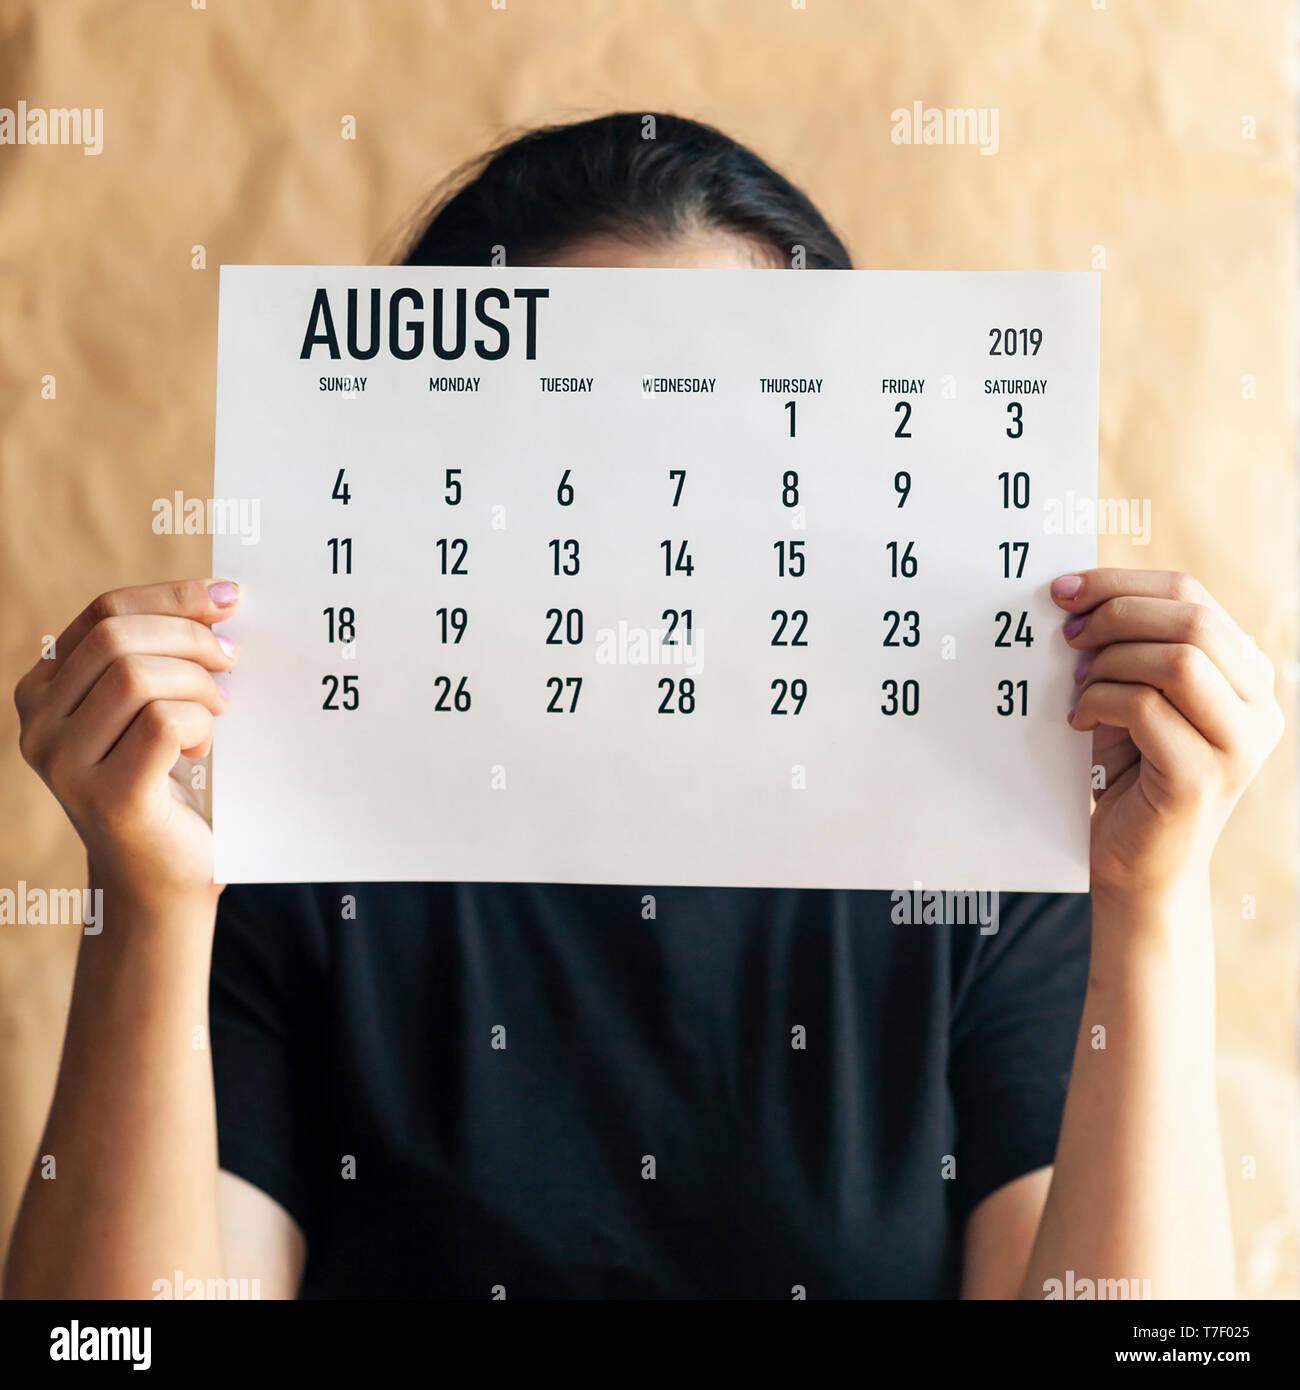 Calendar 2019 Stock Photos & Calendar 2019 Stock Images - Alamy